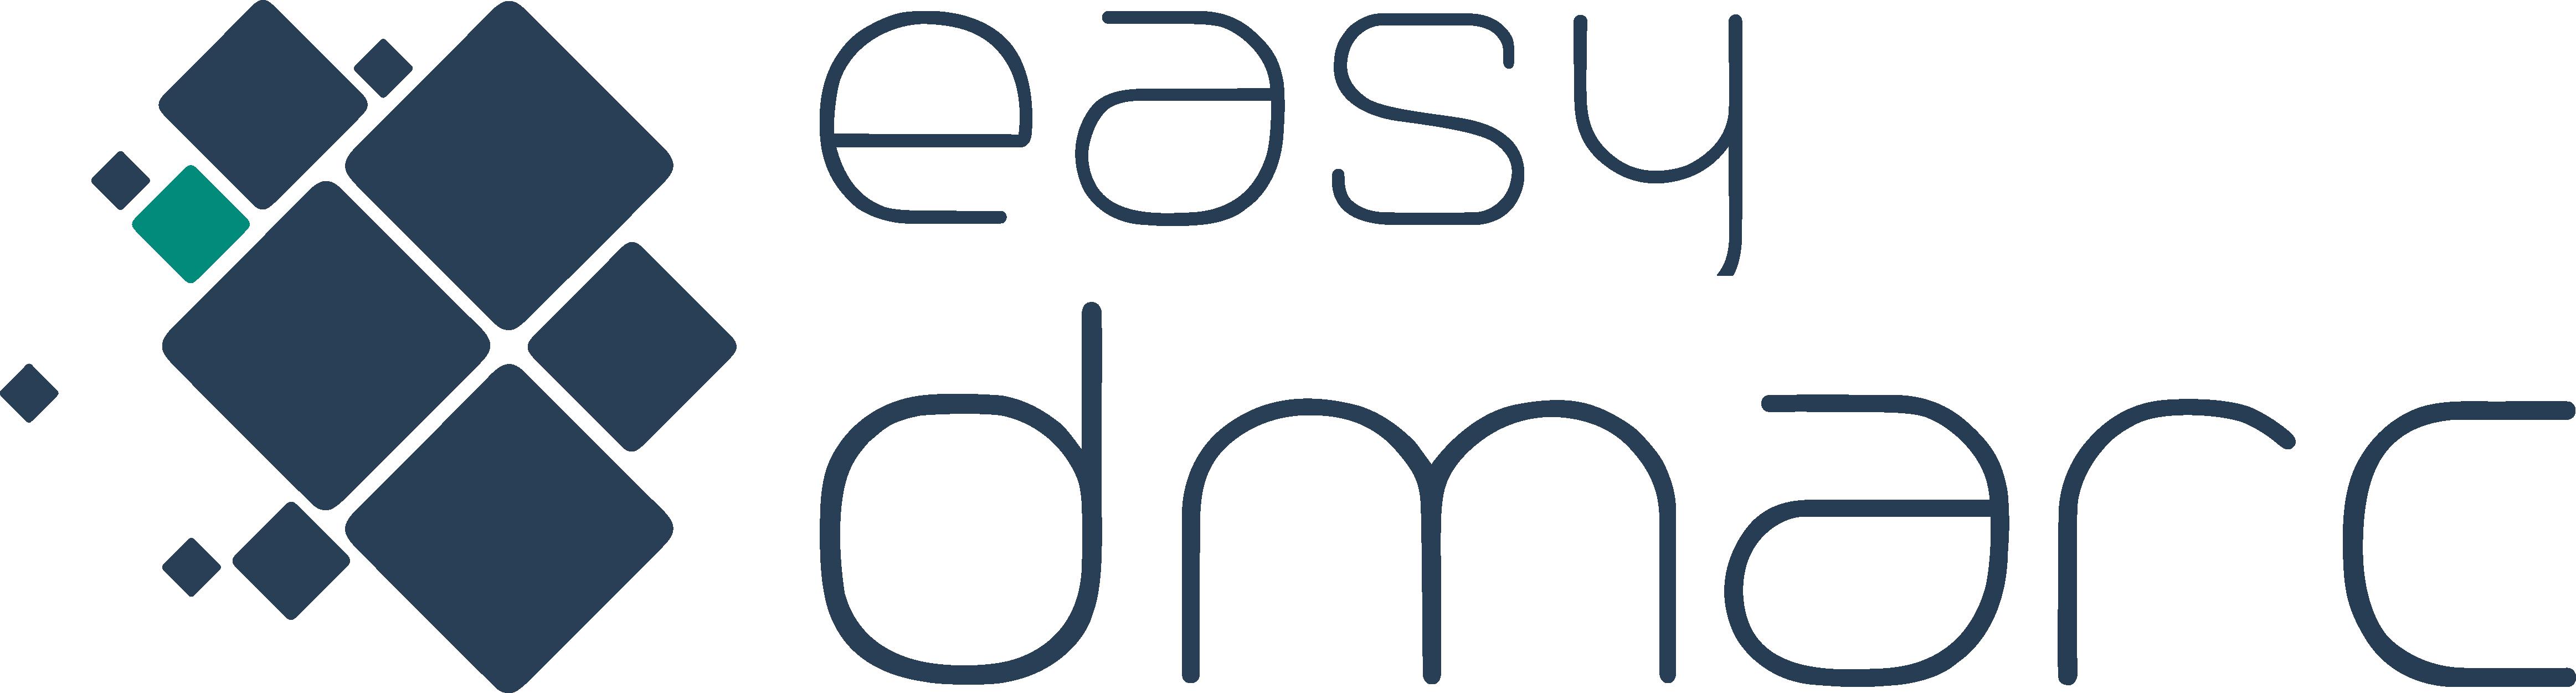 easydmarc-logo-png